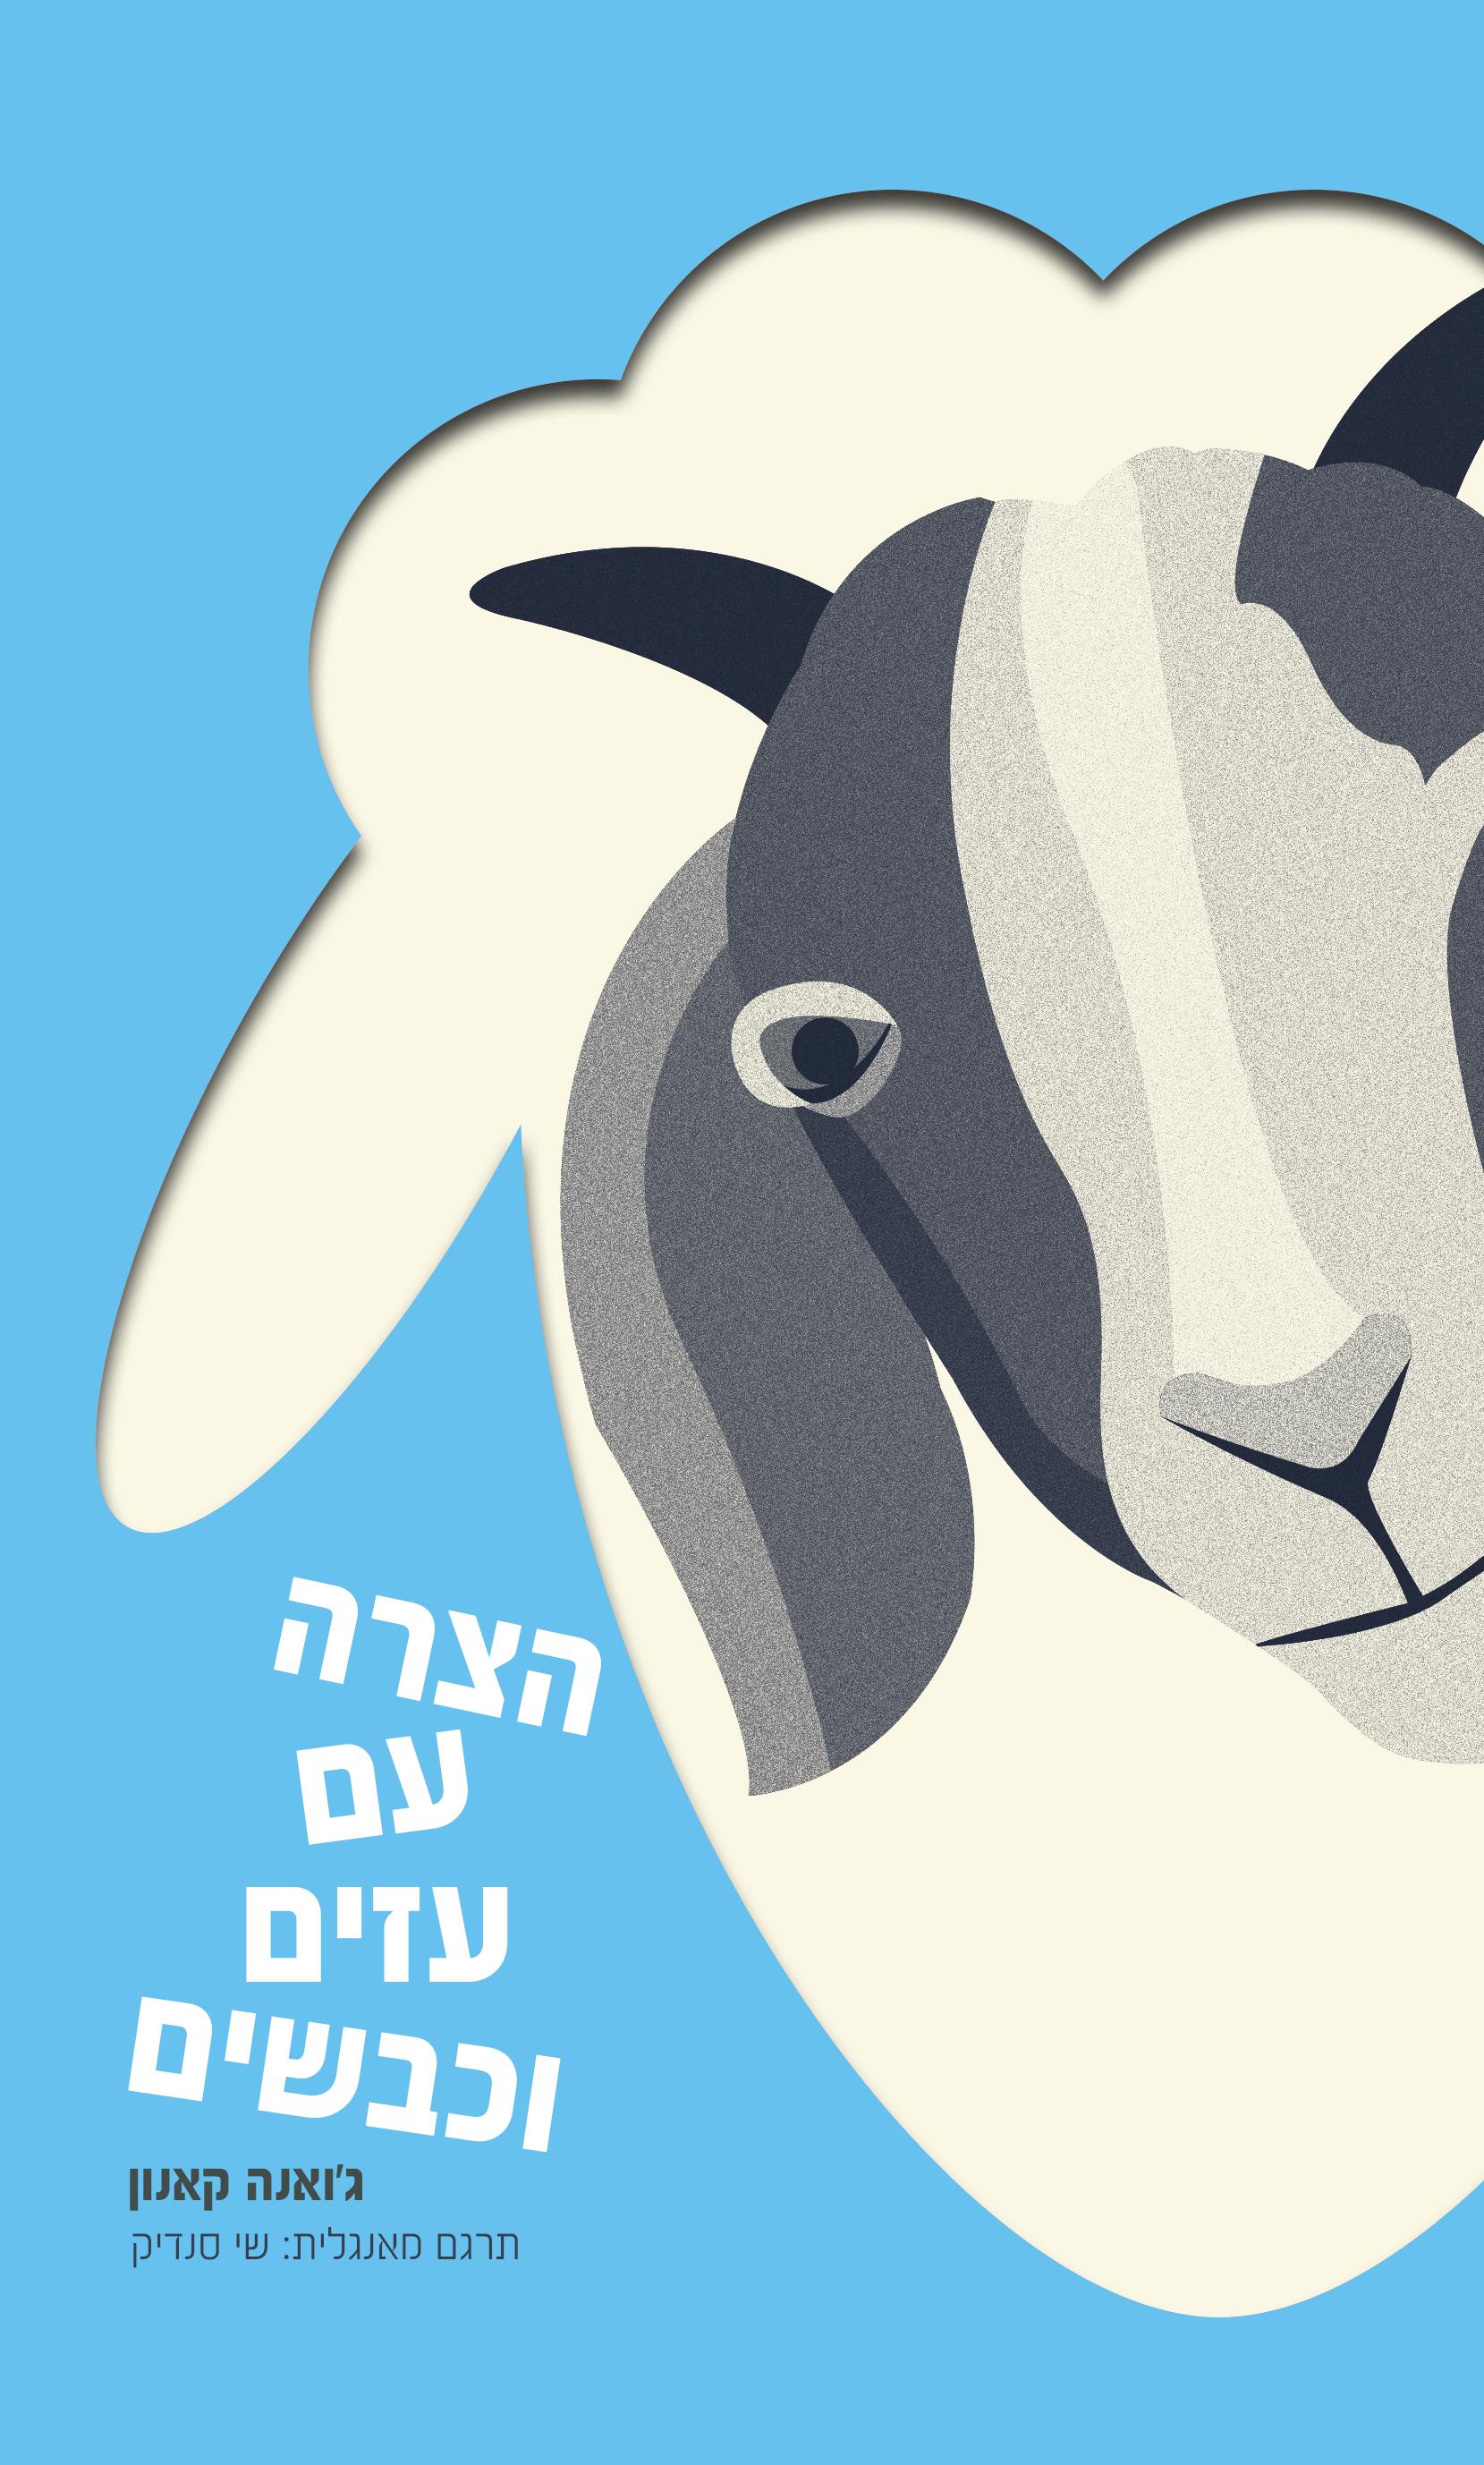 הצרה-עם-כבשים-ועזים_כריכה-קדמית